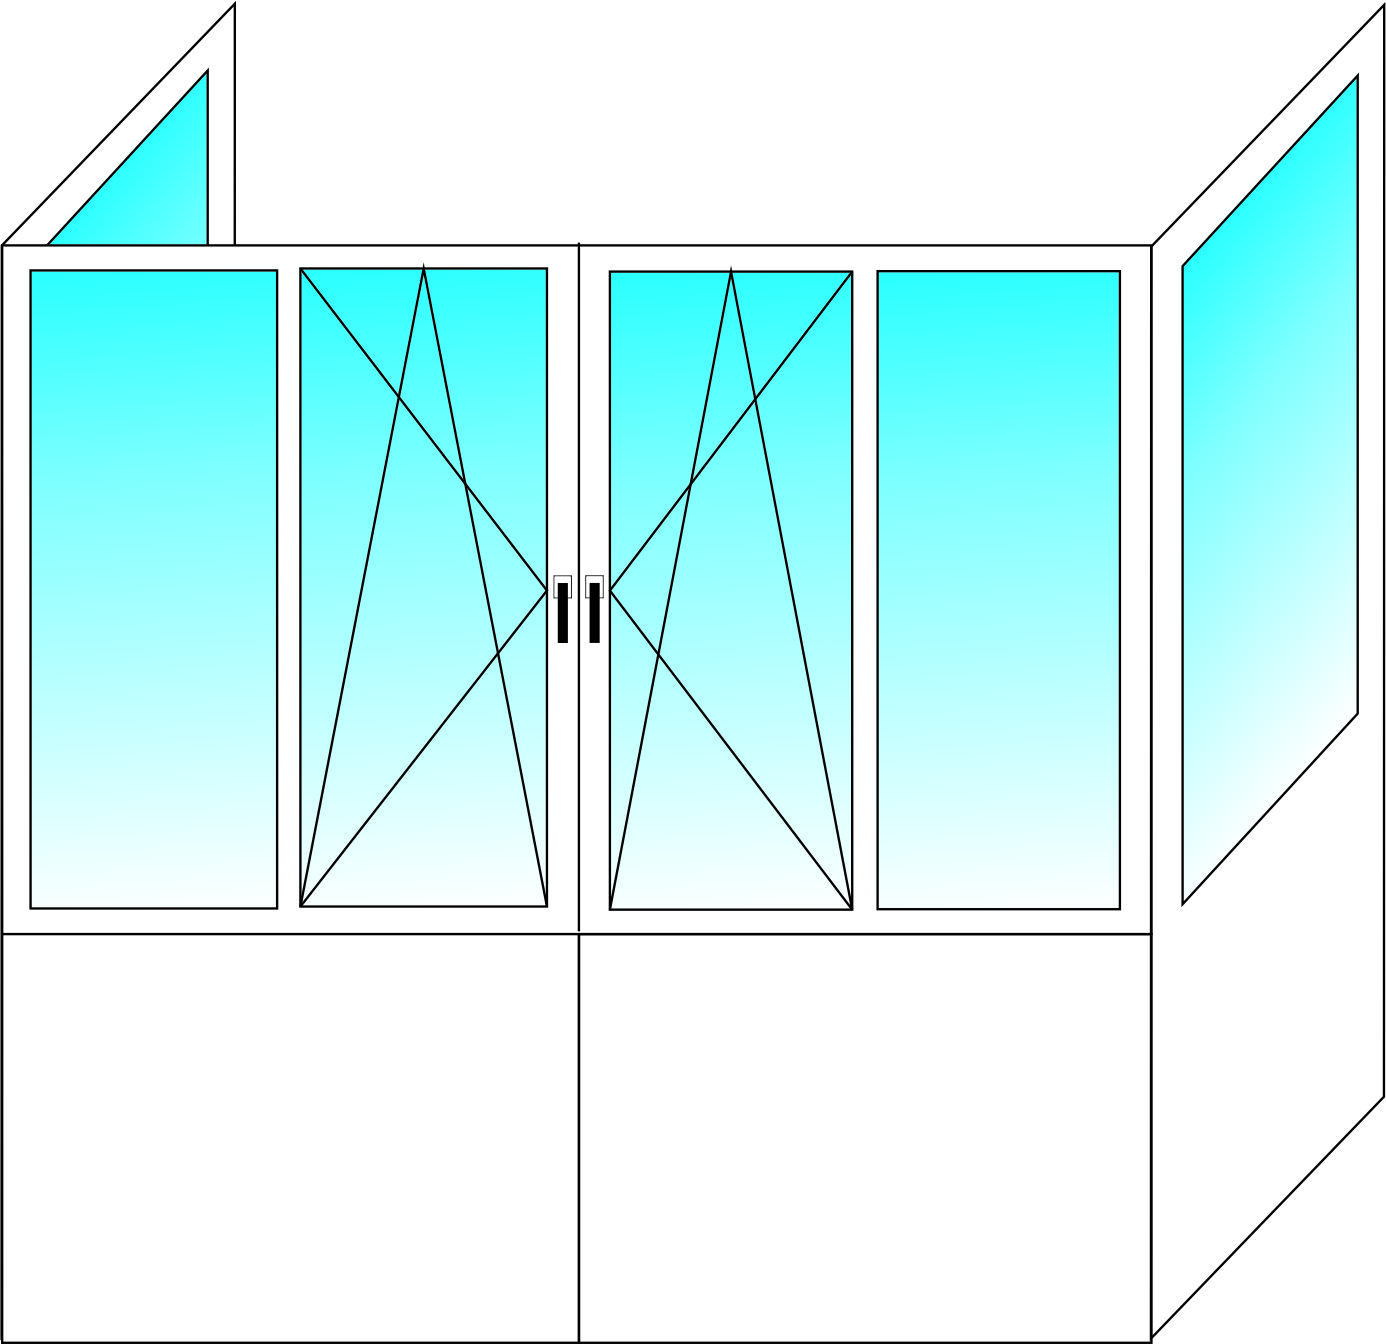 Французский балкон WDS 300 3-х камерный профиль с двухкмаерным энергосберегающим стеклопакетом 2650х3100х800 мм